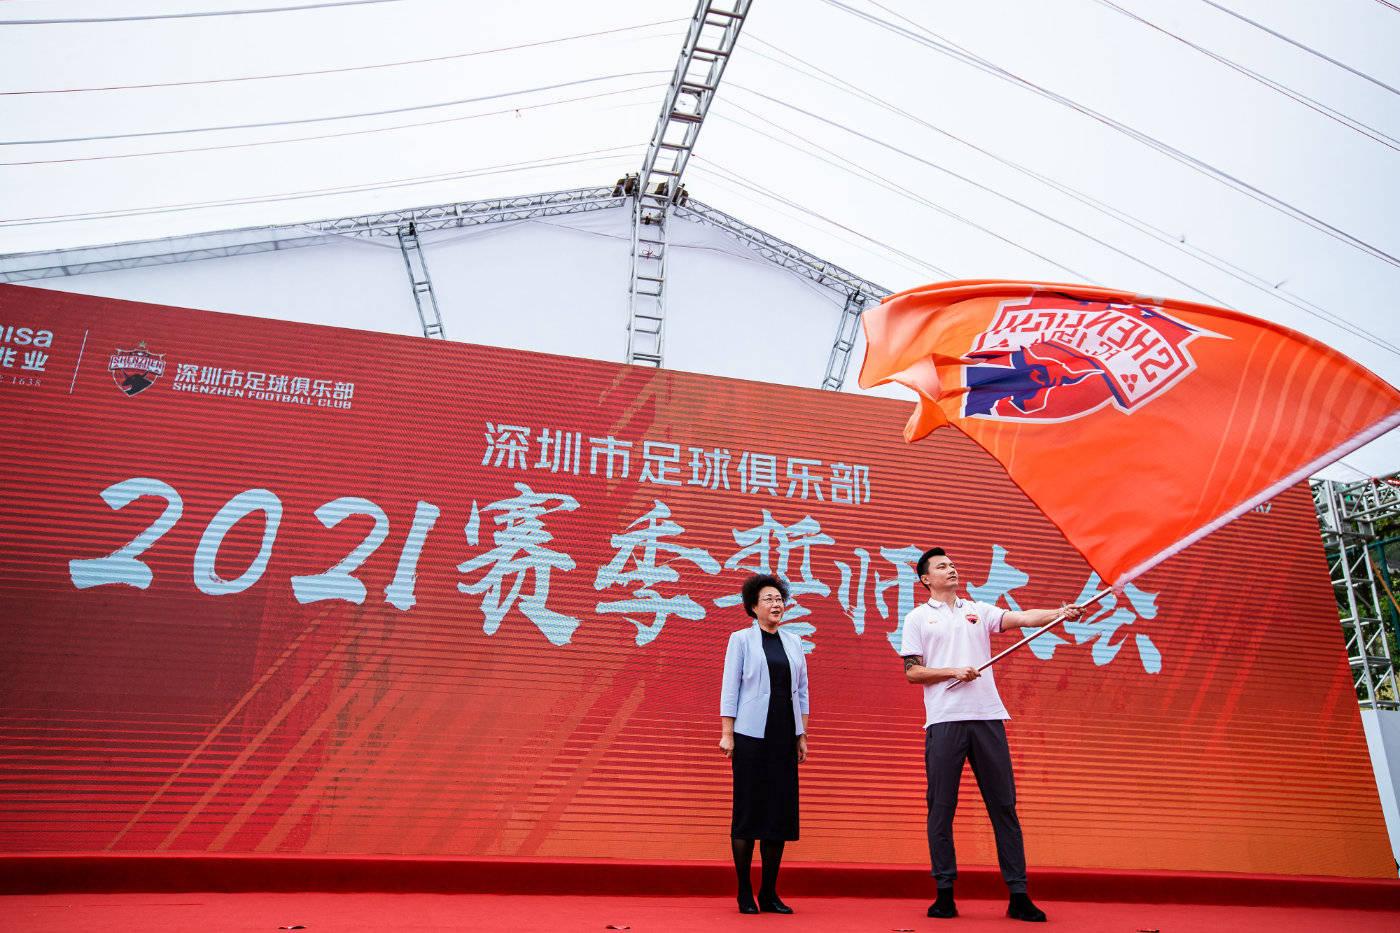 戴伟浚会籍转换已通过直属部门认证 进入广东省